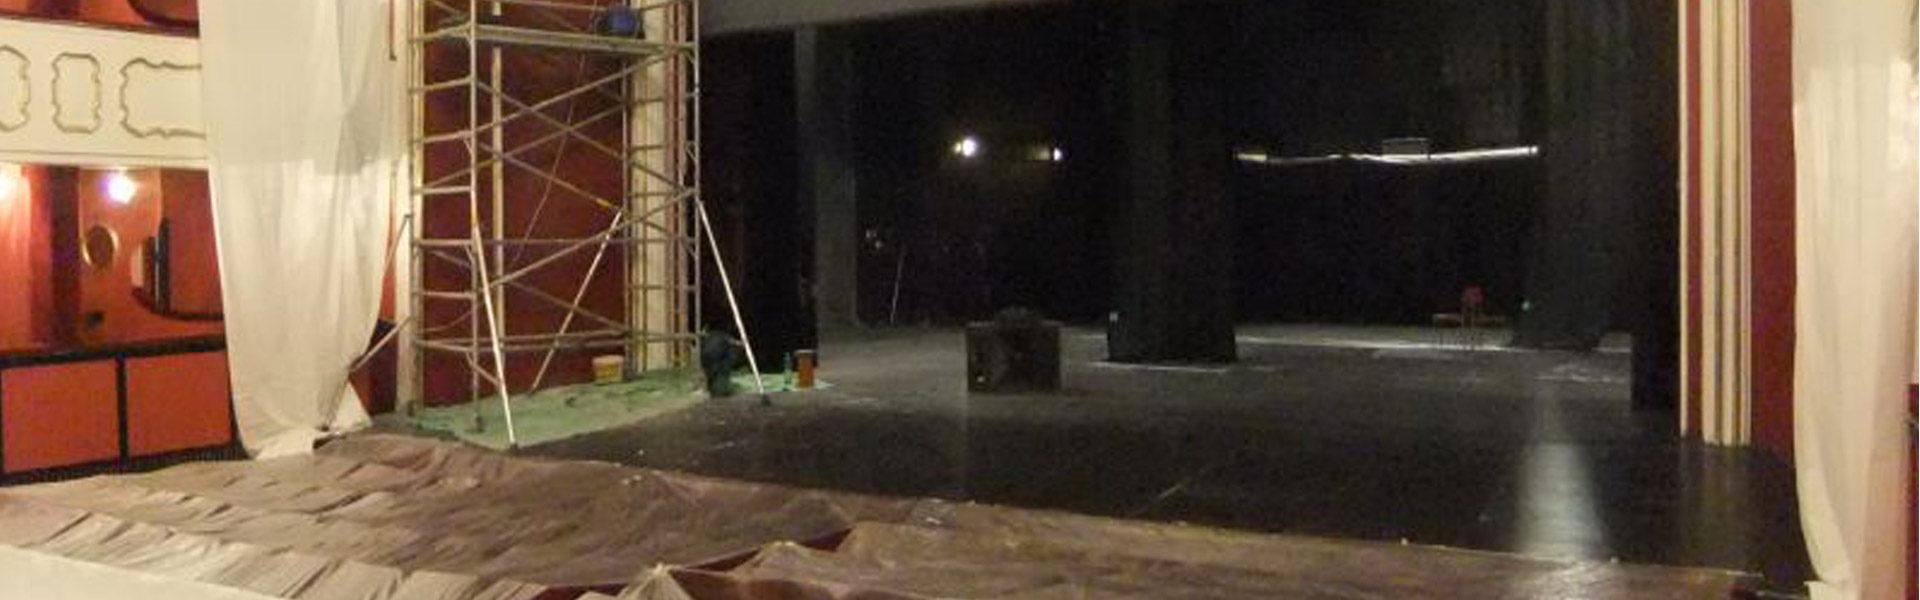 Moderní ozvučovací systém v Moravském divadle Olomouc